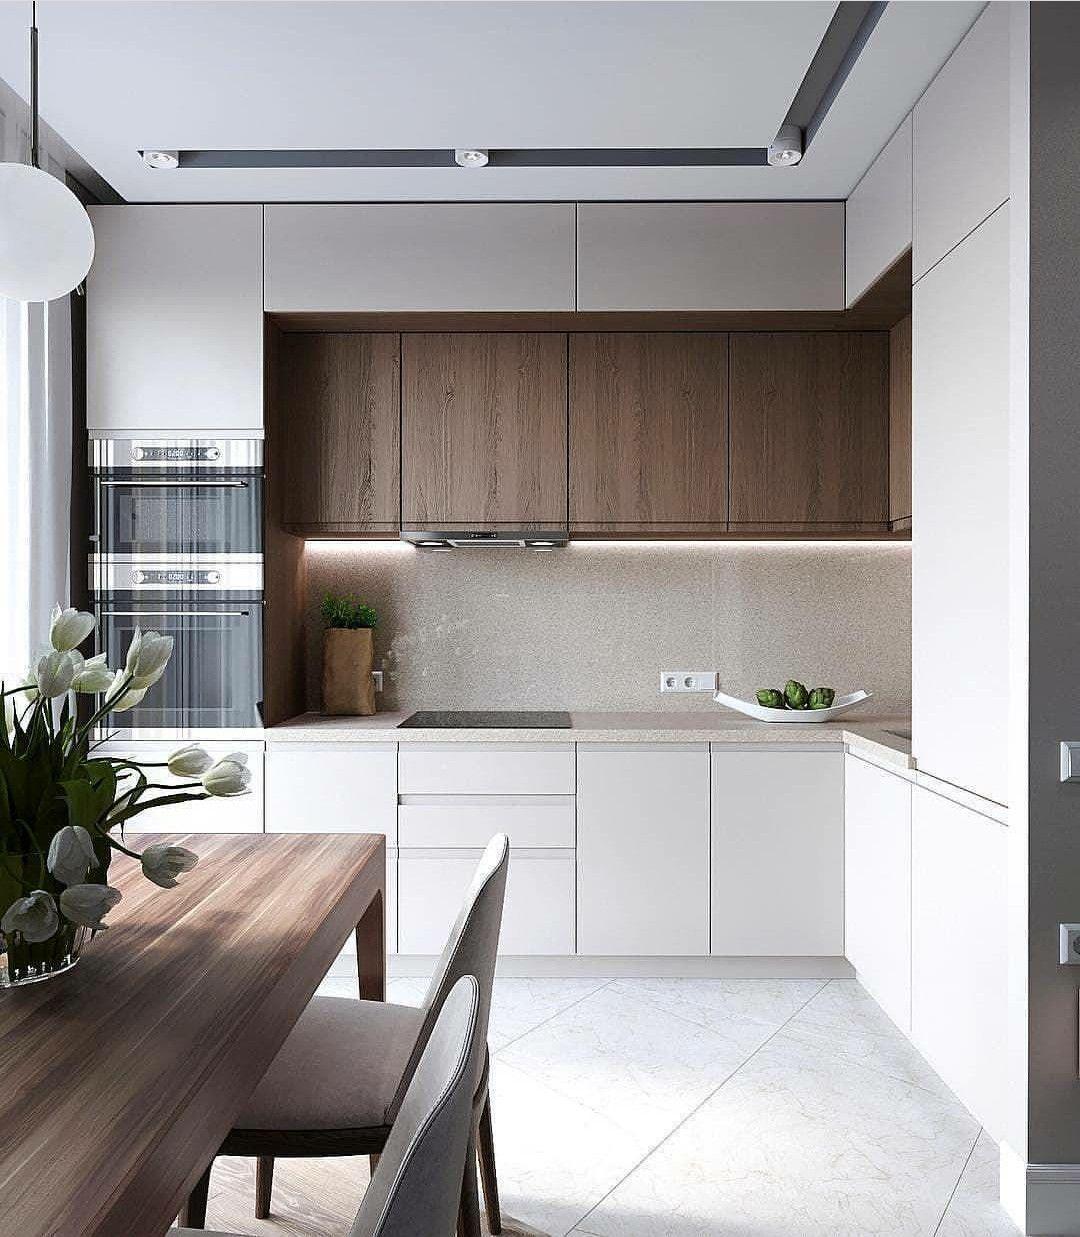 15+ Exquisite Minimalist Kitchen Hdb Ideas